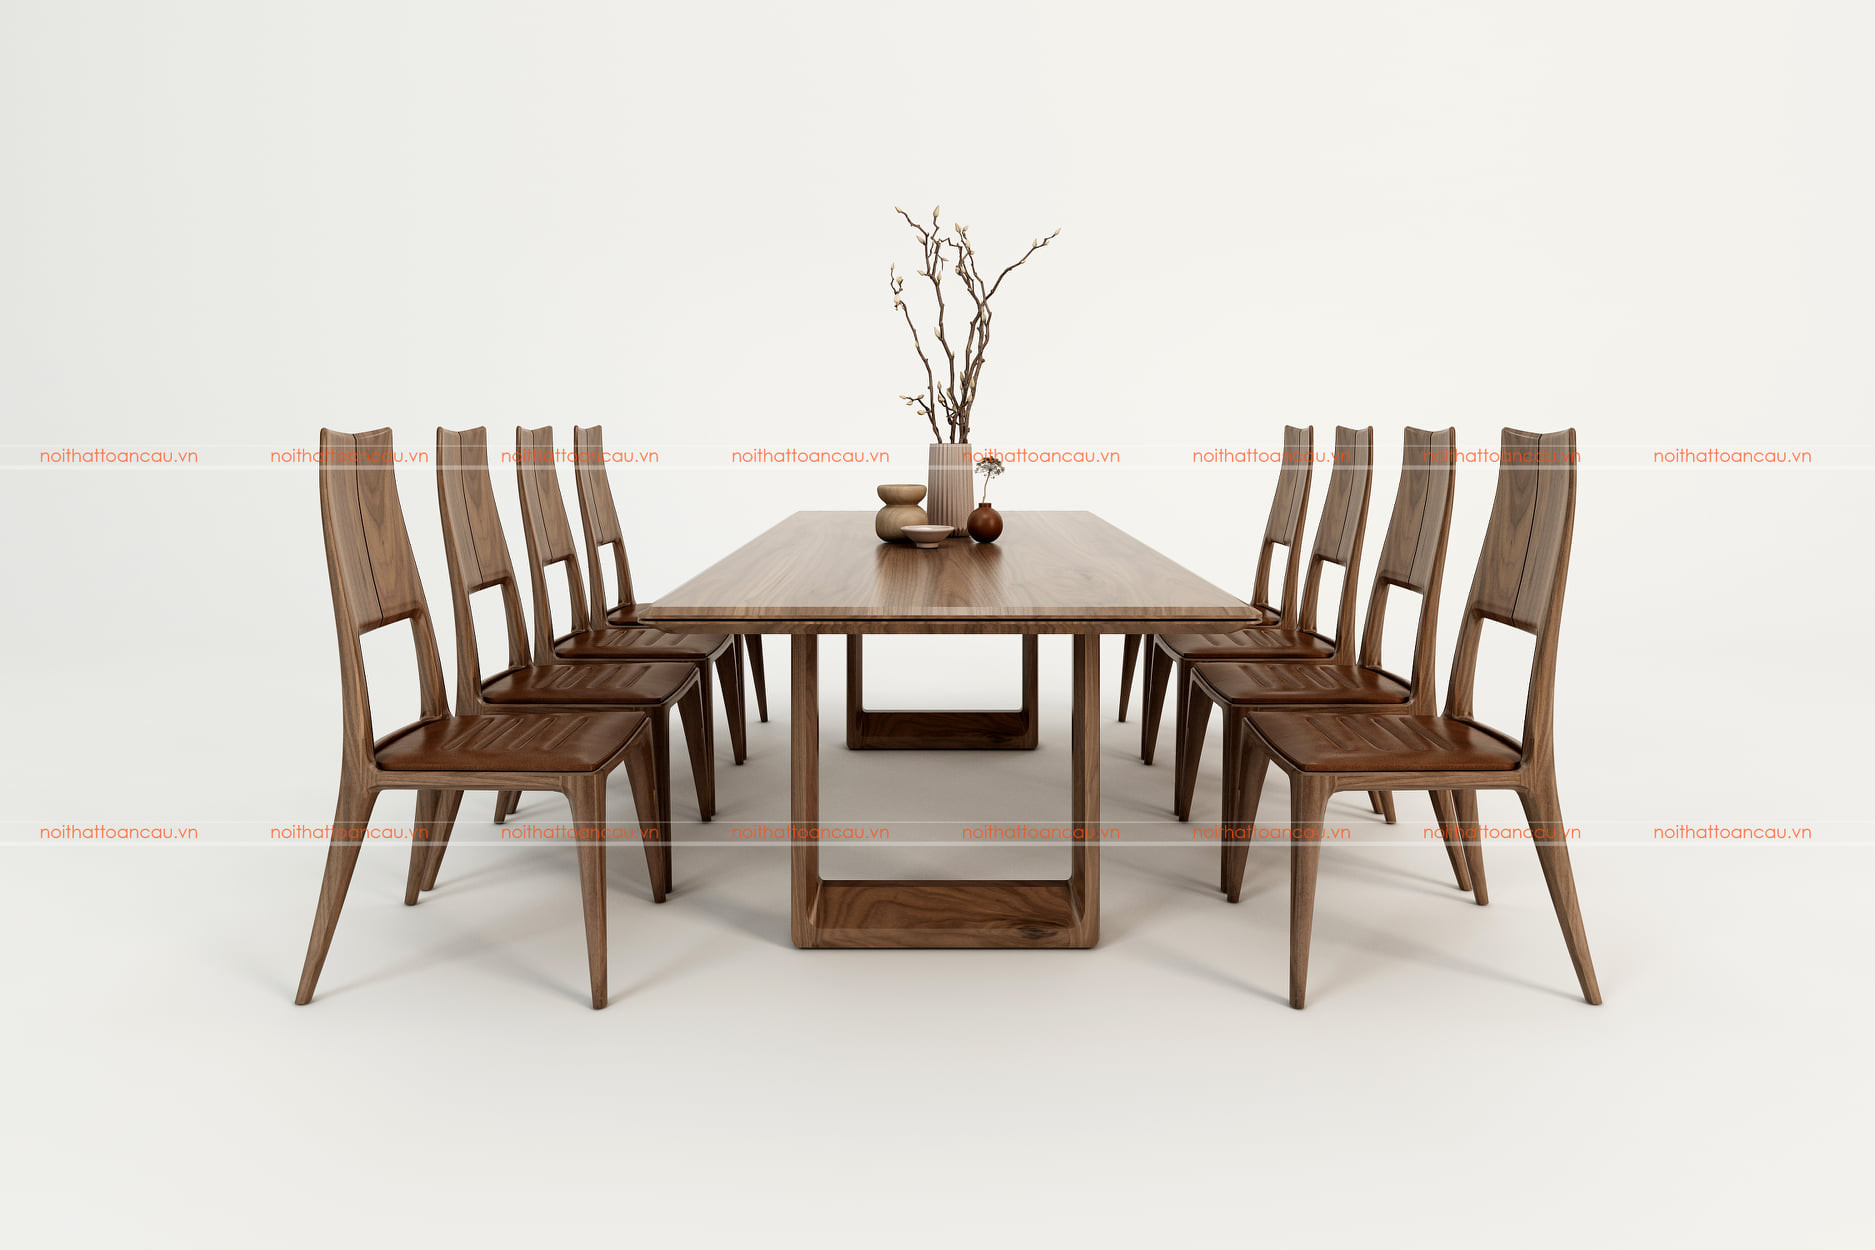 Bàn ghế ăn gỗ óc chó tự nhiên tc811 b